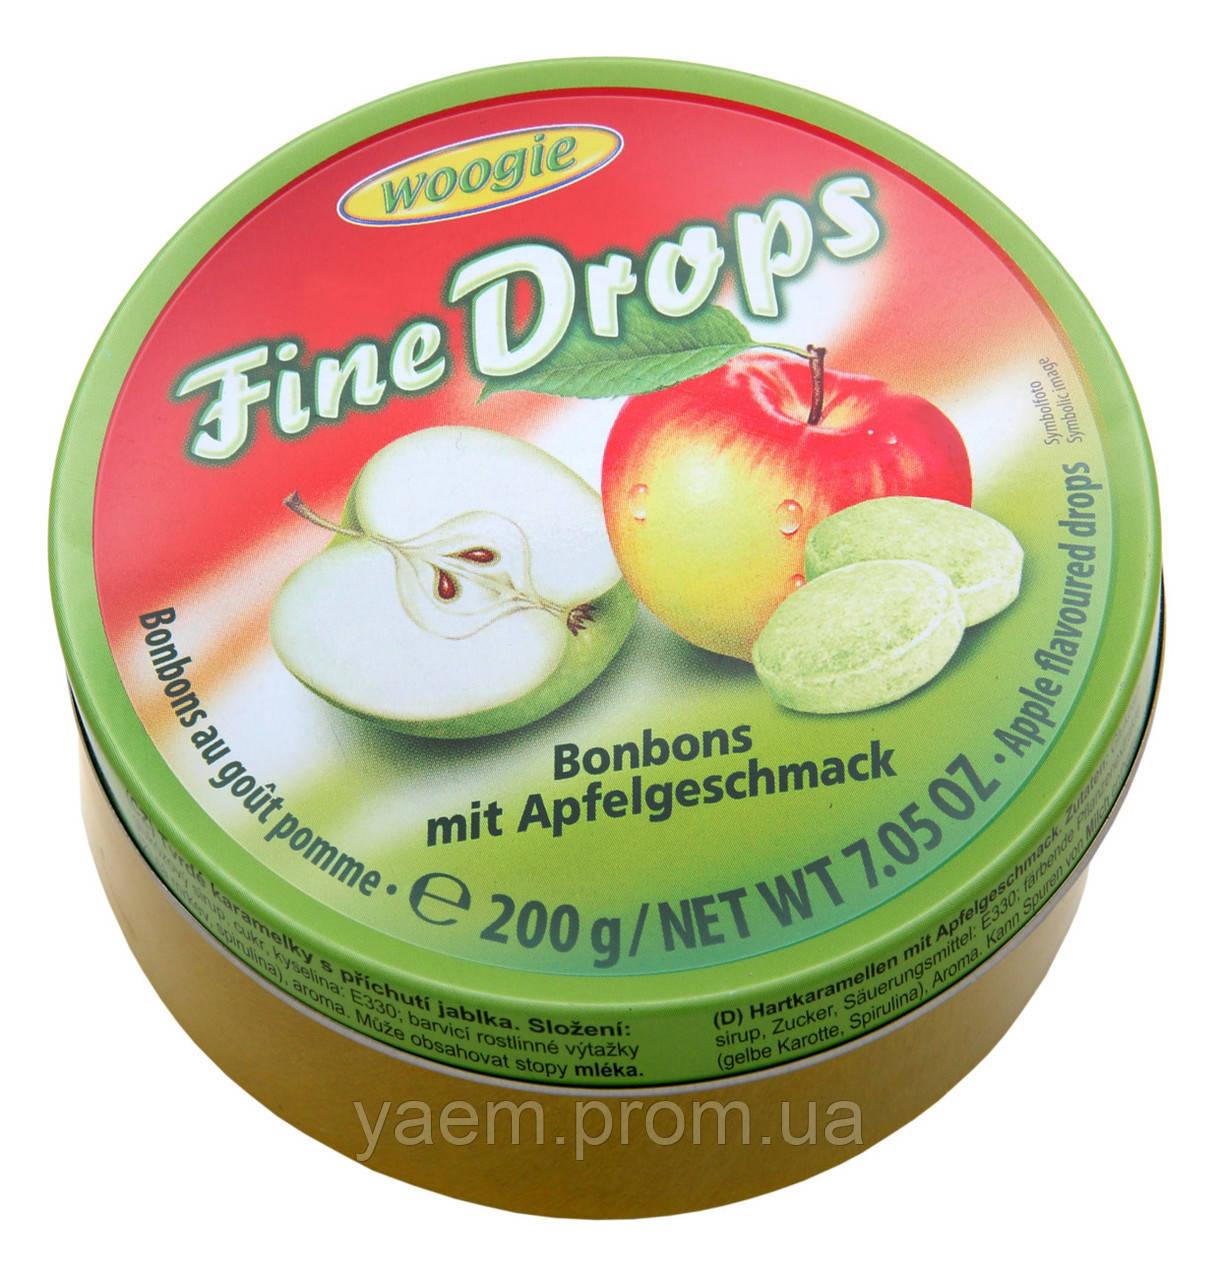 Леденцы со вкусом яблока Woogie Fine Drops Bonbons mit Apfelgeschmack 200гр